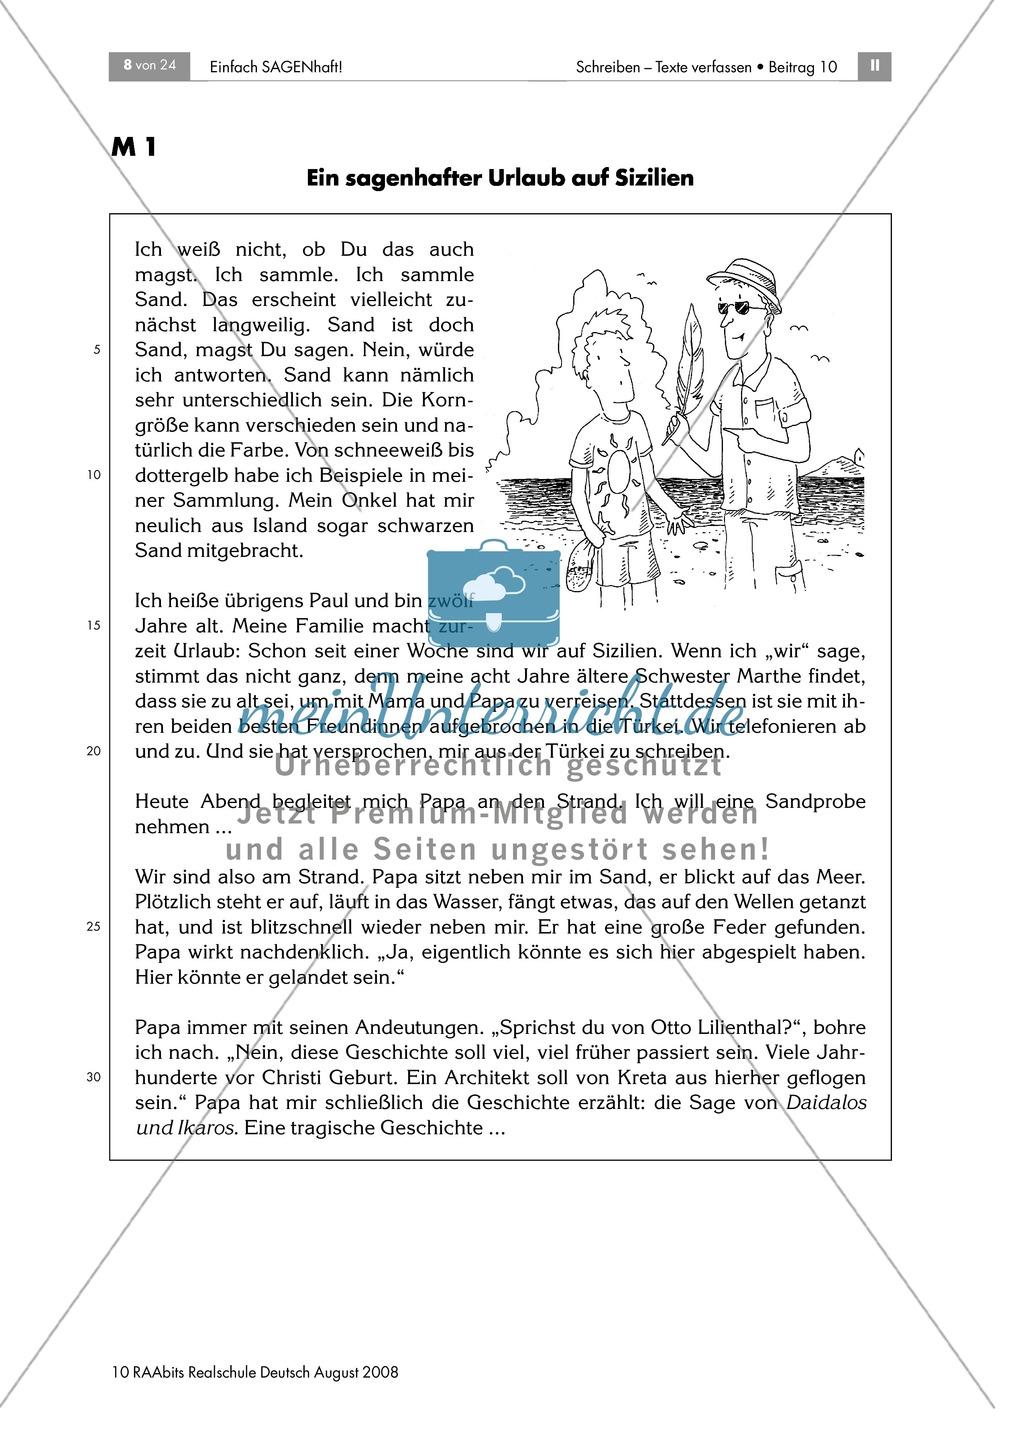 Daidalos und Ikarus: Den Inhalt der Sagen in eigenen Worten zusammenfassen Preview 1